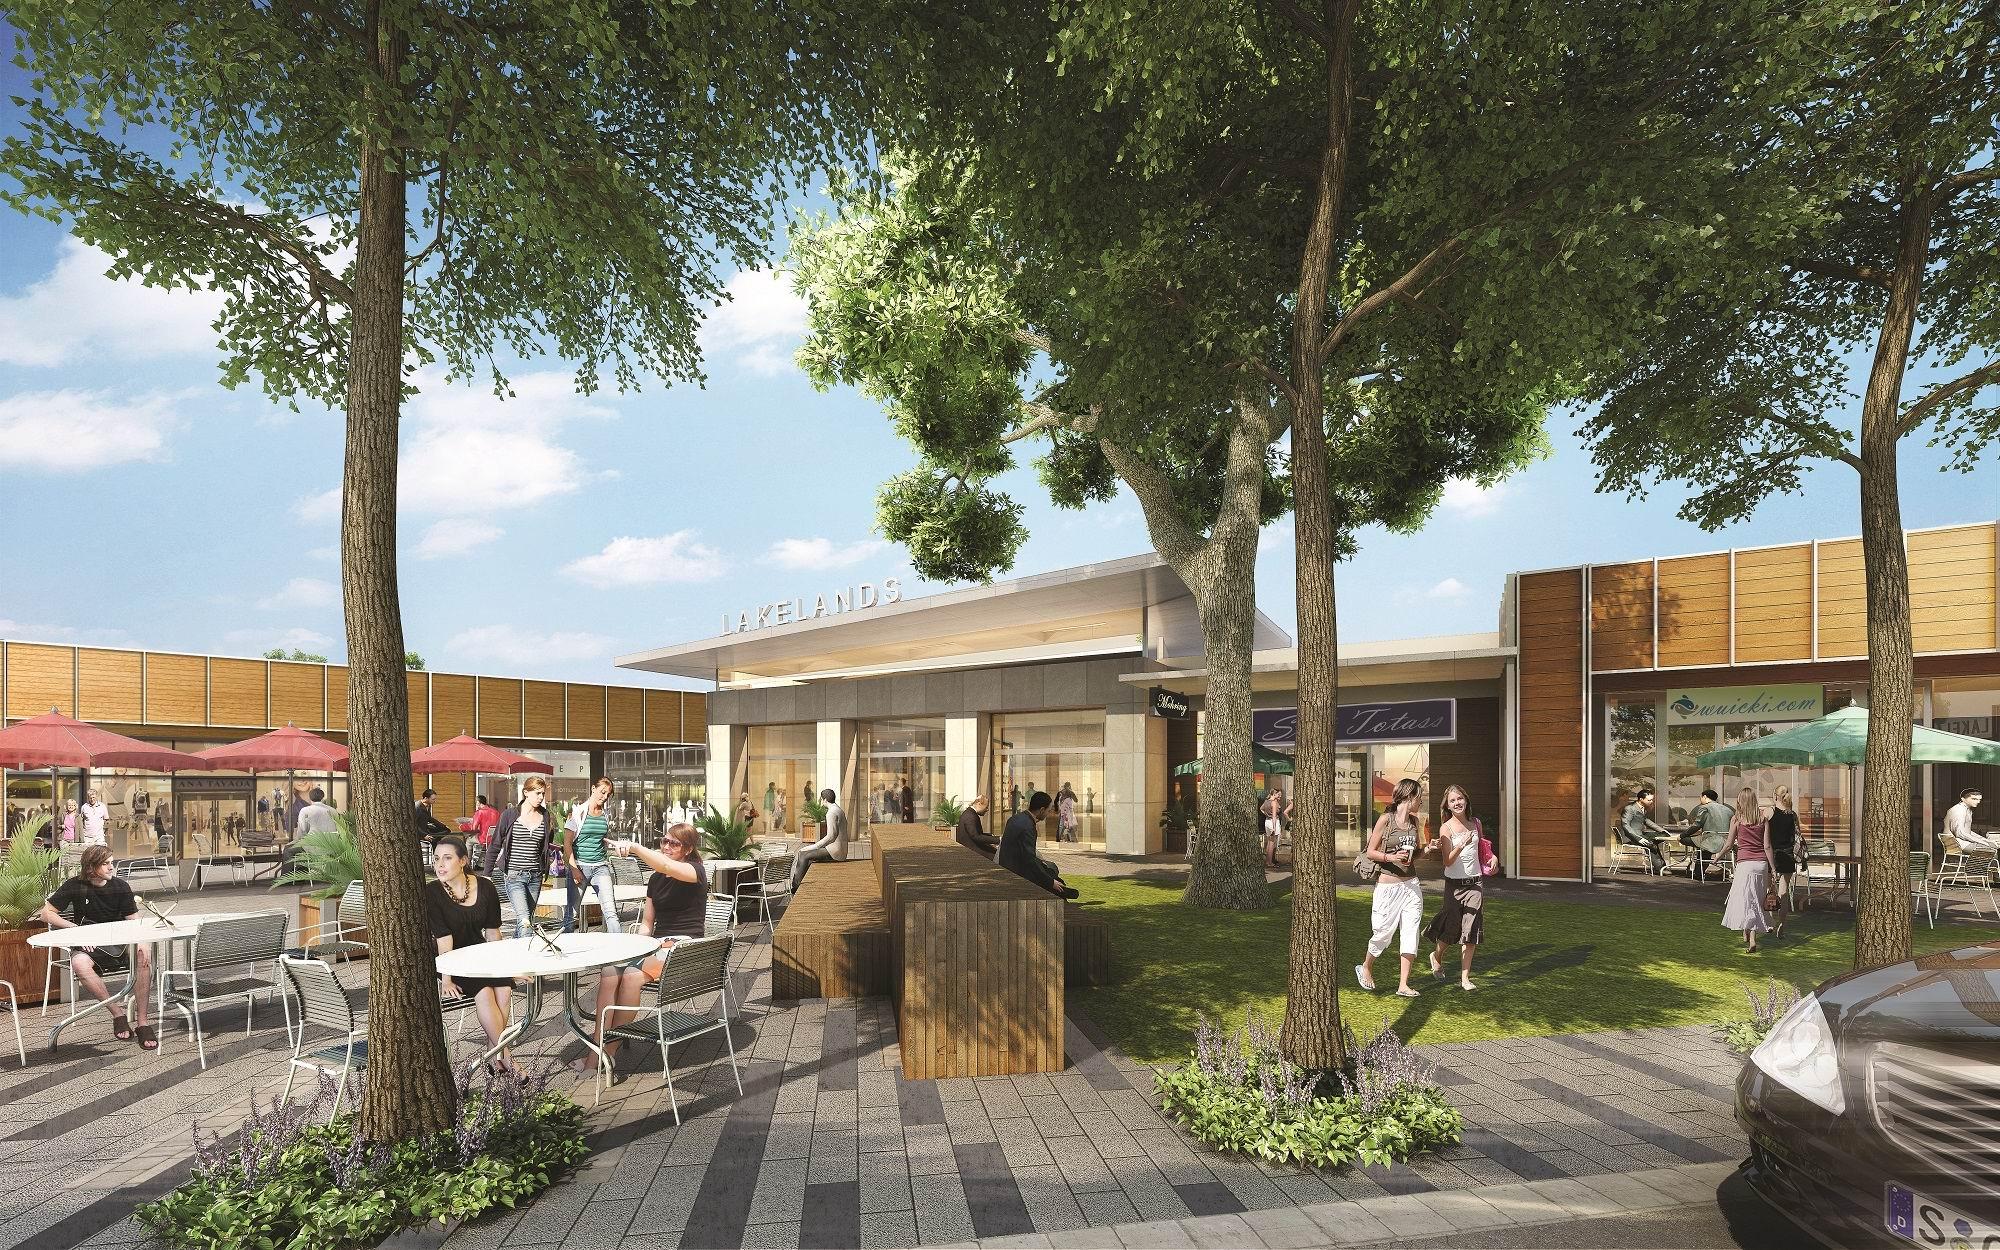 New tenants confirmed at Lakelands Shopping Centre, north of Mandurah